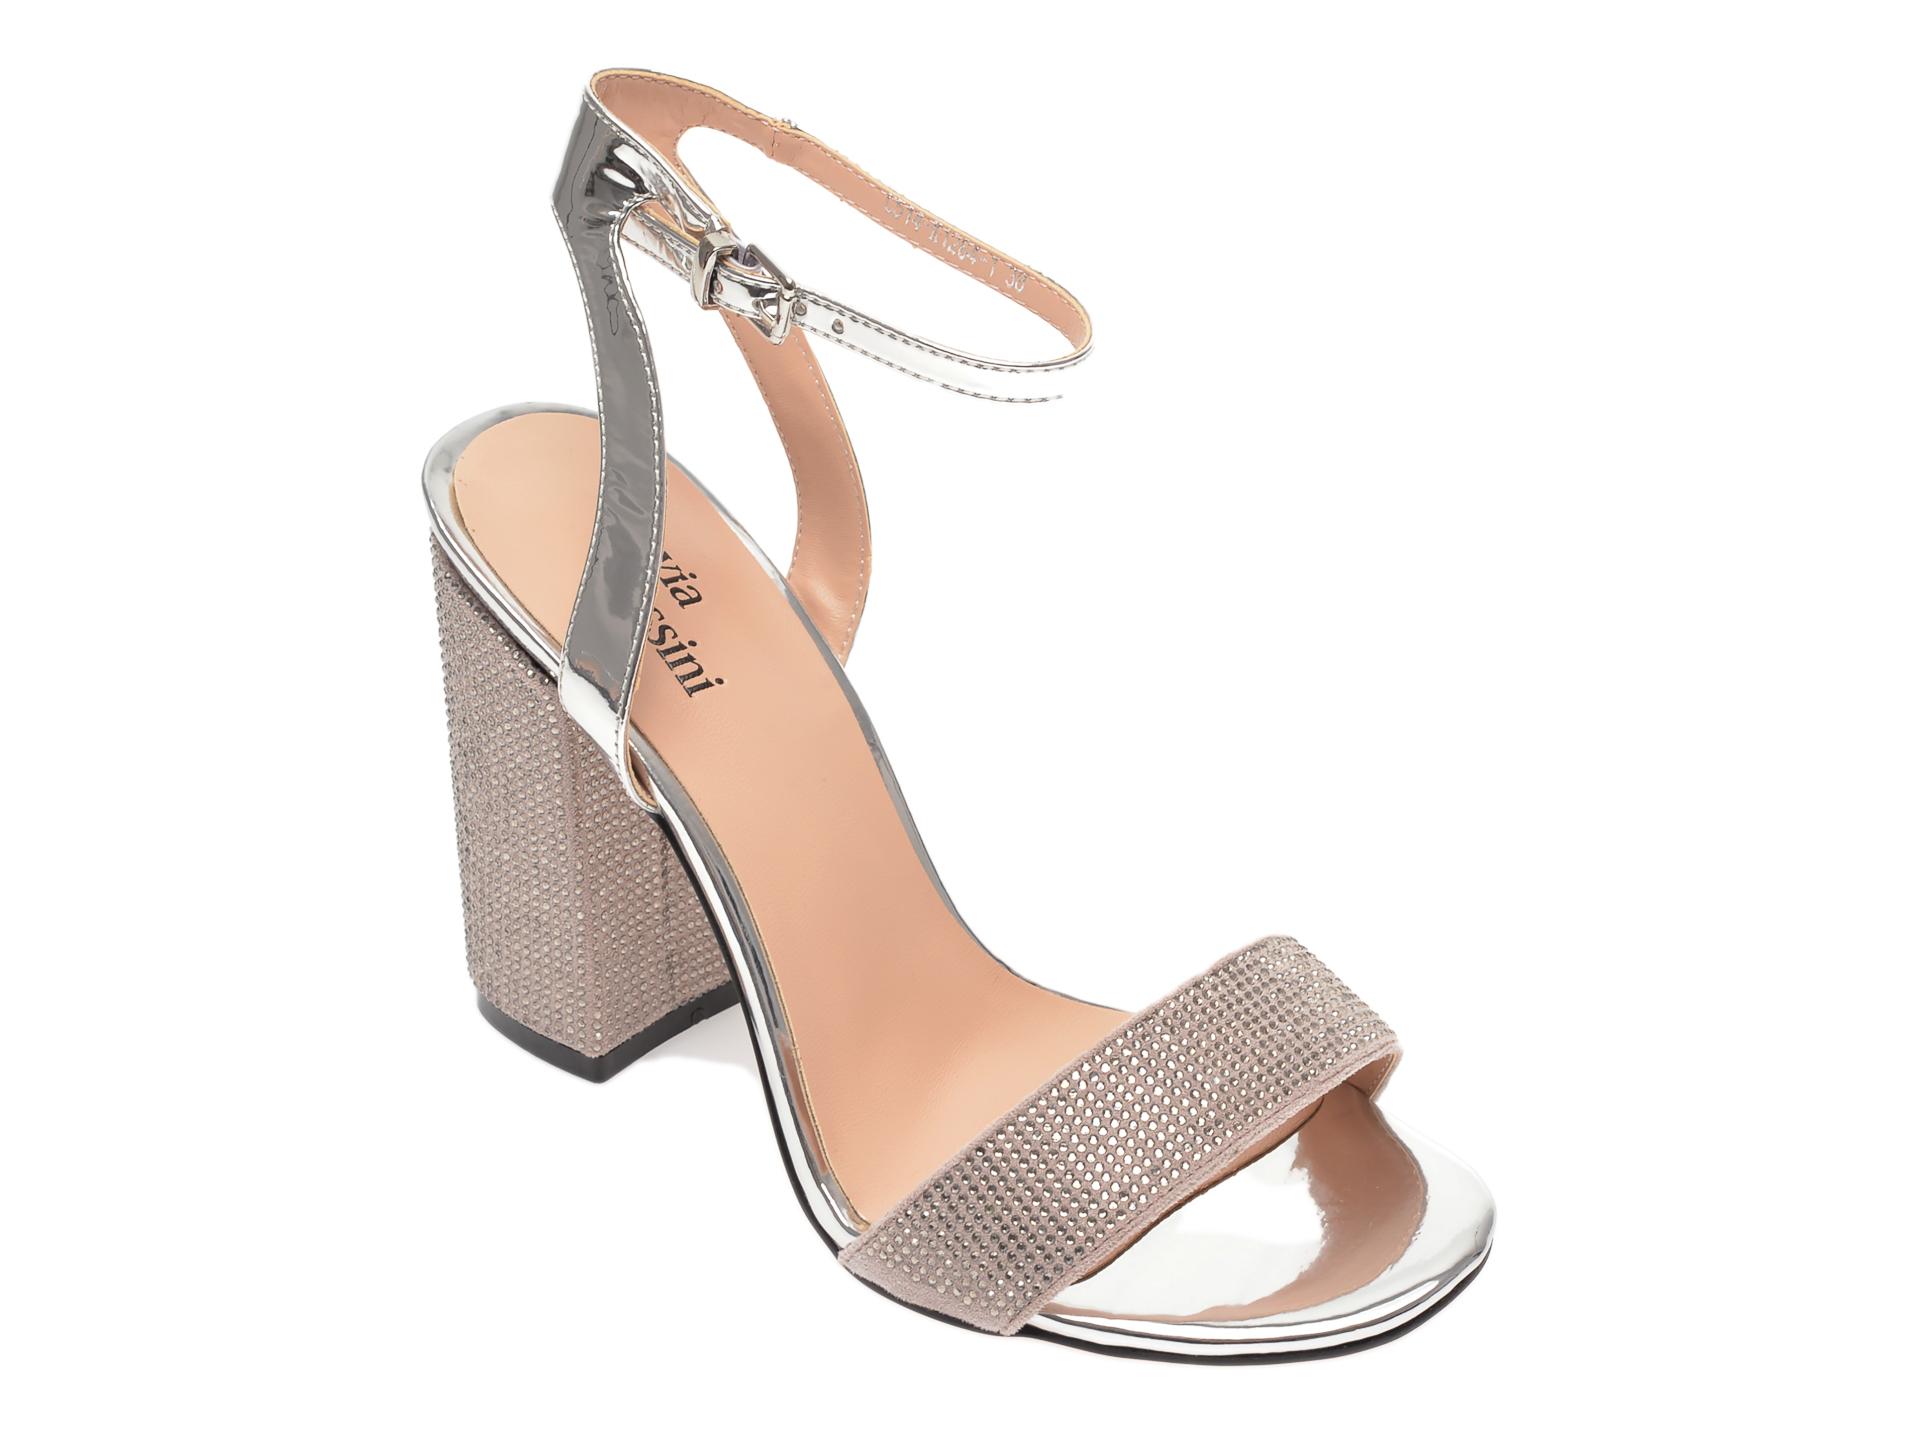 Sandale FLAVIA PASSINI argintii, C514K12, din piele ecologica